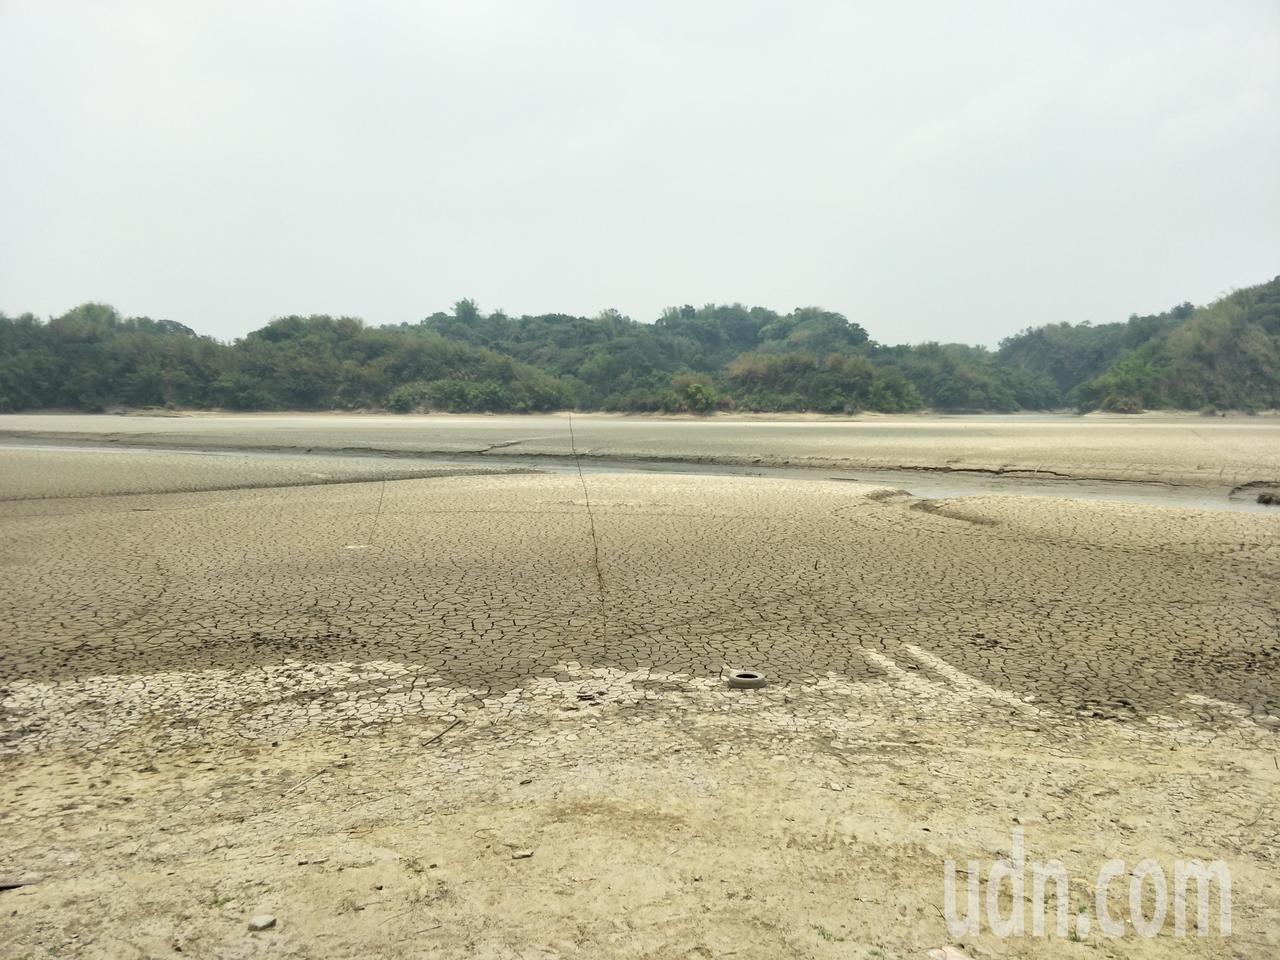 旱象嚴重,烏山頭水庫上游「夢之湖」美麗湖泊乾涸土塊龜裂。記者謝進盛/攝影